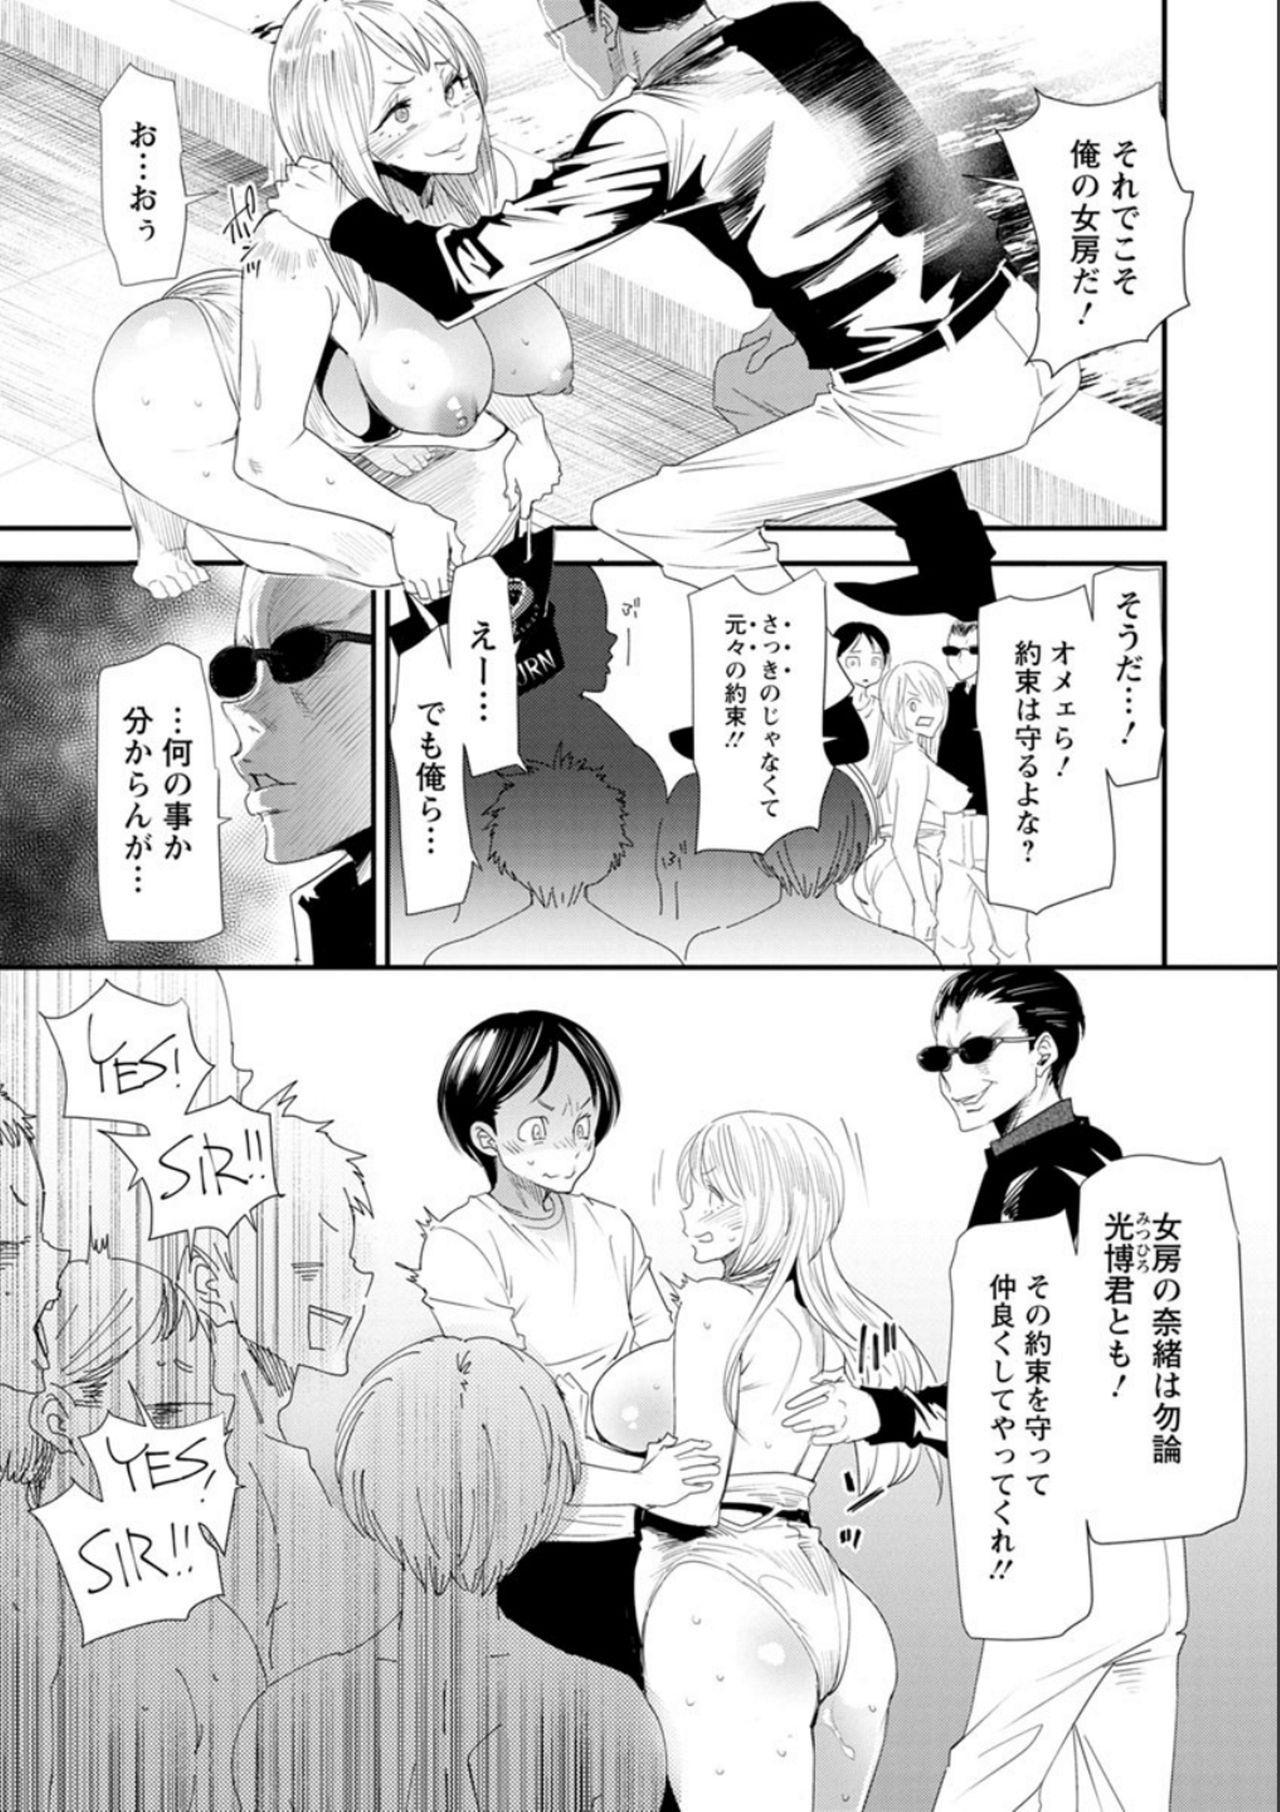 Nao's Secret 131